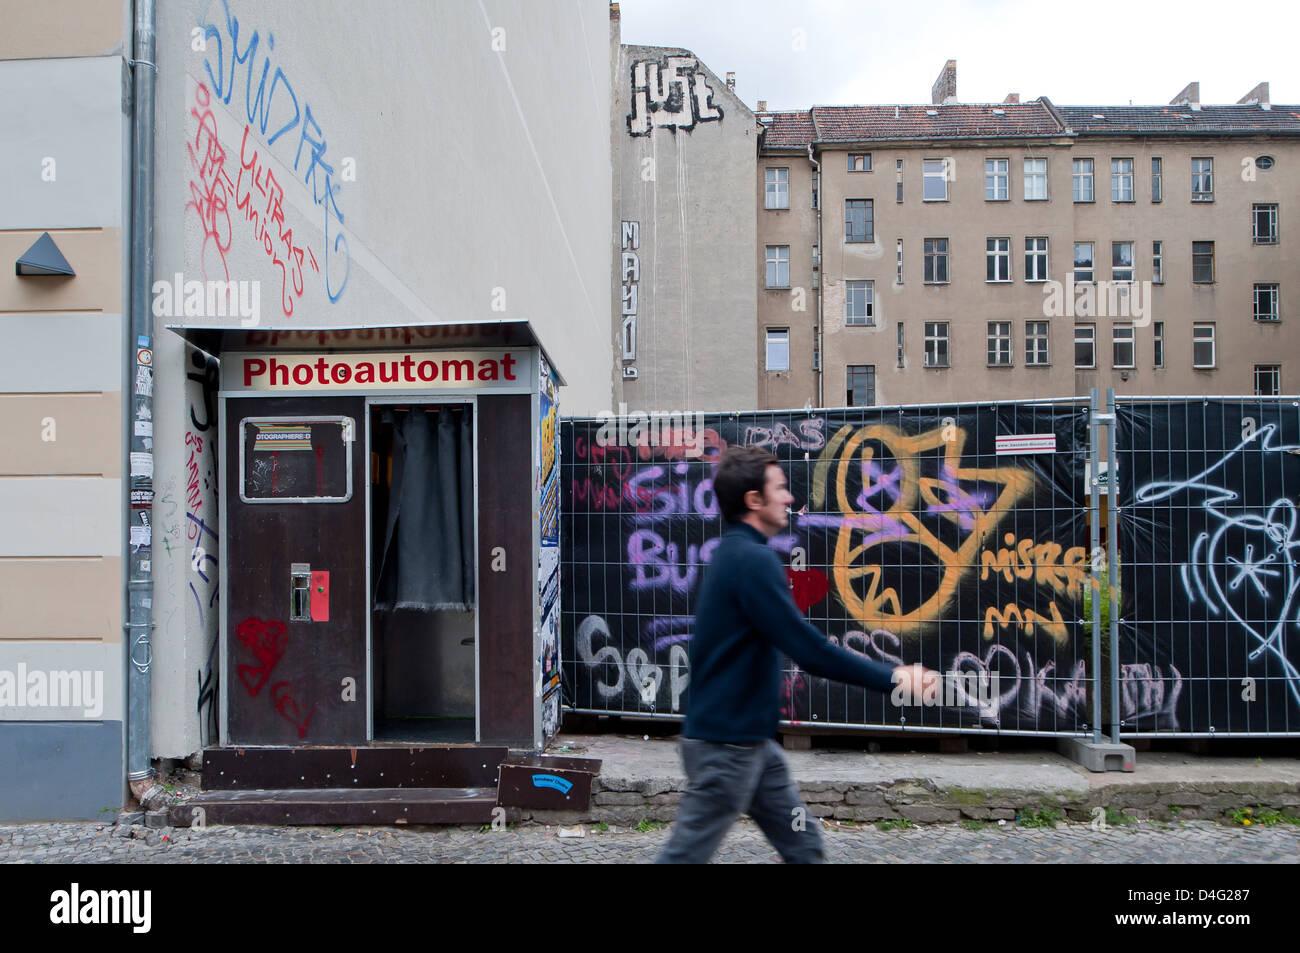 berlin deutschland photo booth auf ein unbebautes grundst ck entsteht in warschauer stra e. Black Bedroom Furniture Sets. Home Design Ideas